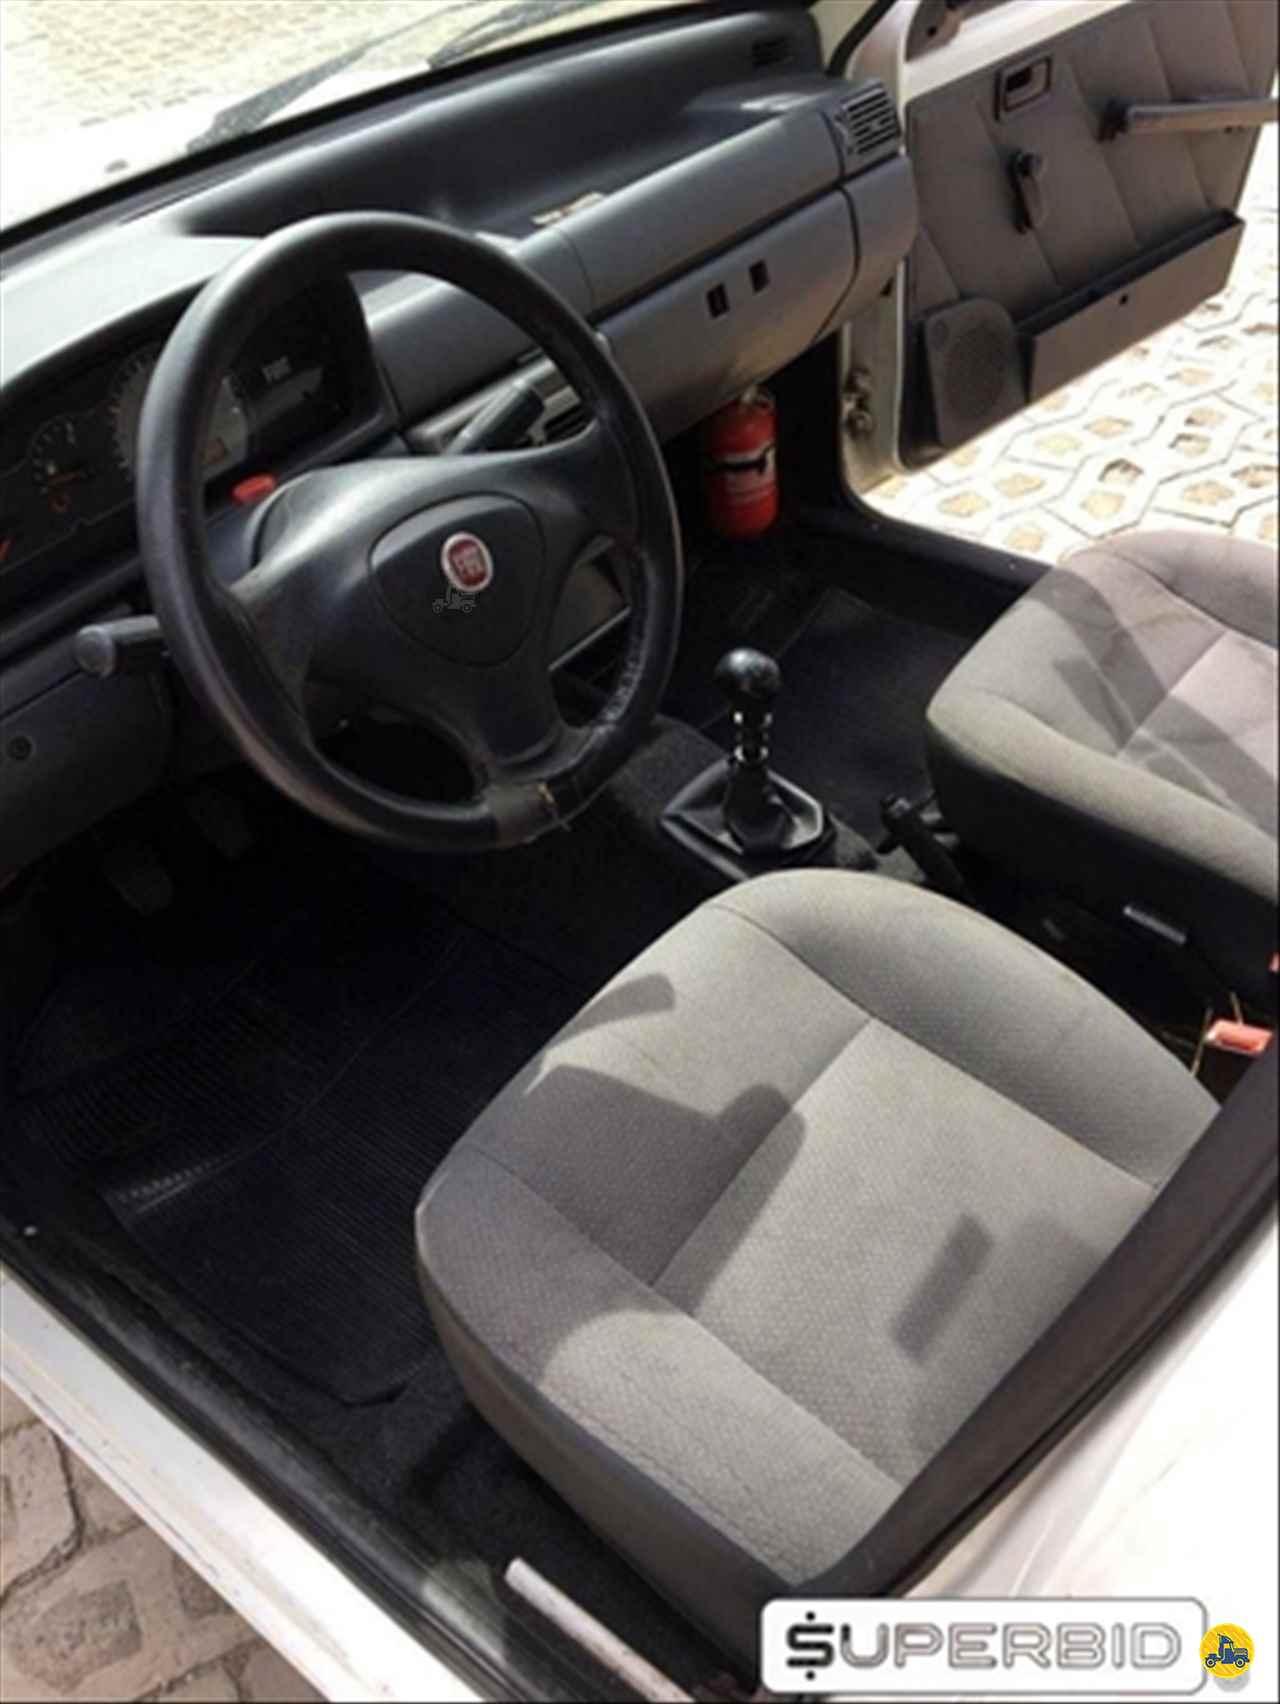 FIAT Fiorino Furgao 1.3 184177km 2013/2013 Sold Leilões Online